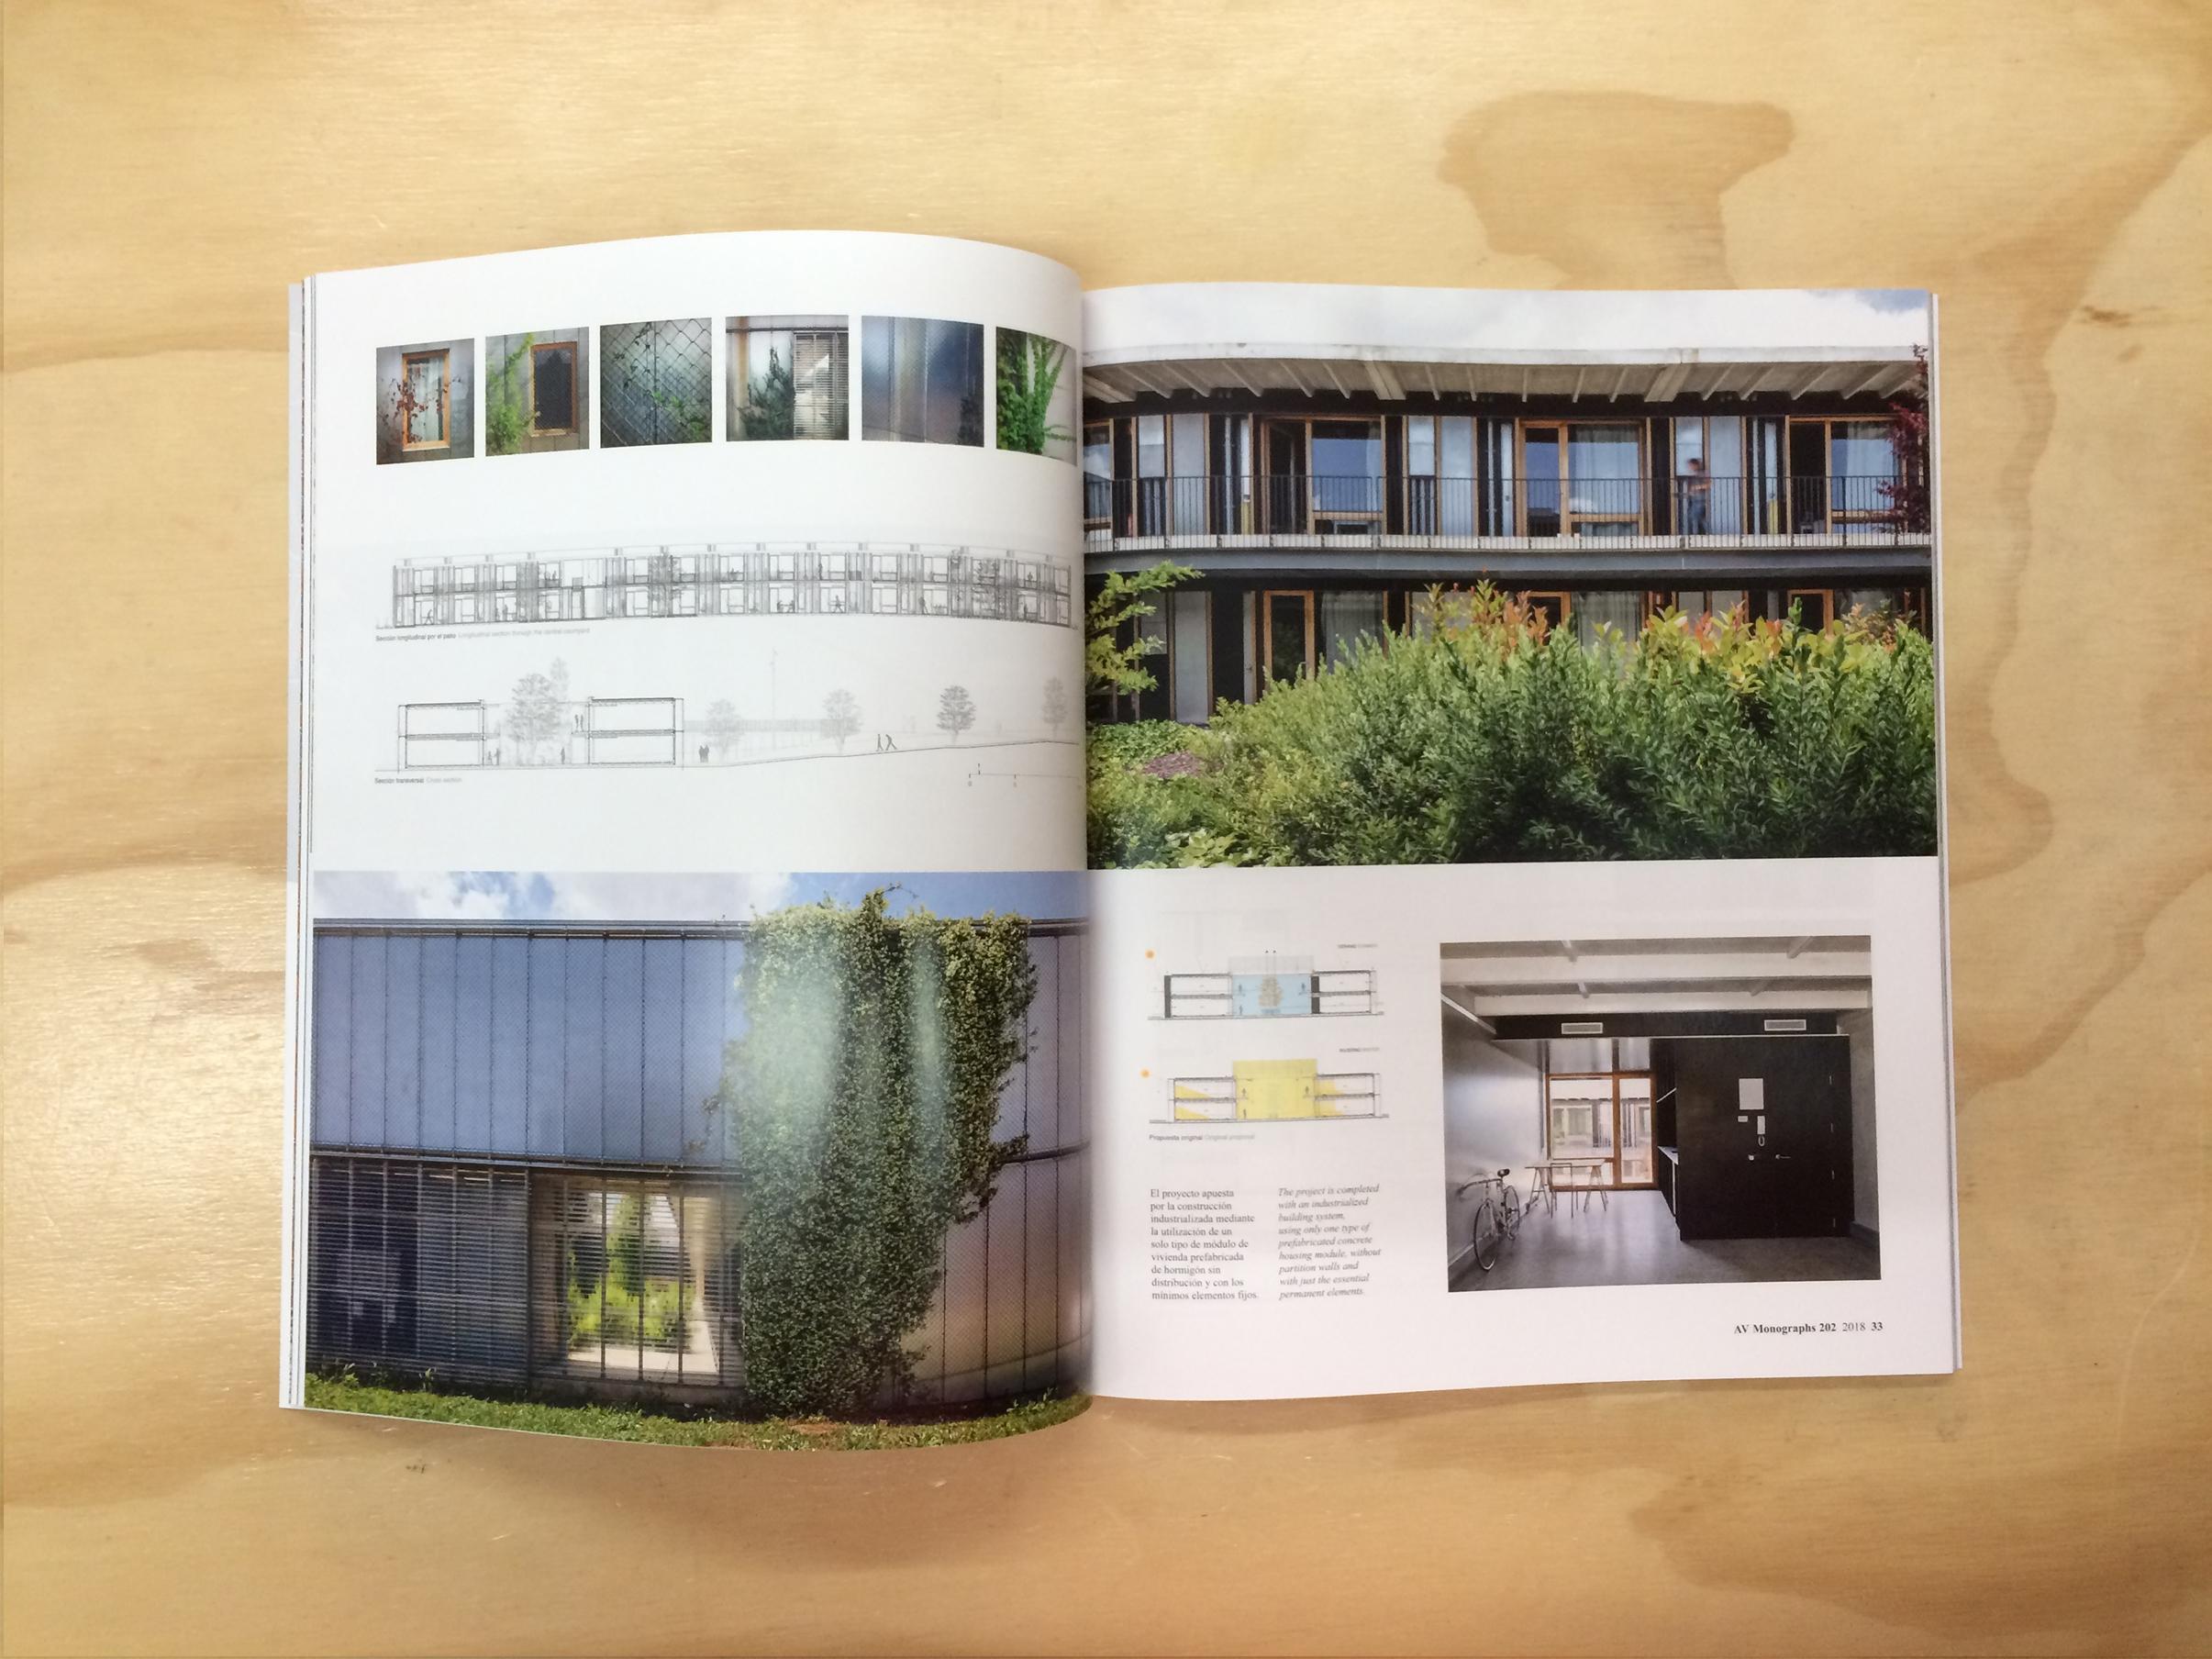 Av monographs 202 harquitectes appropriate attractive for Av arquitectura viva